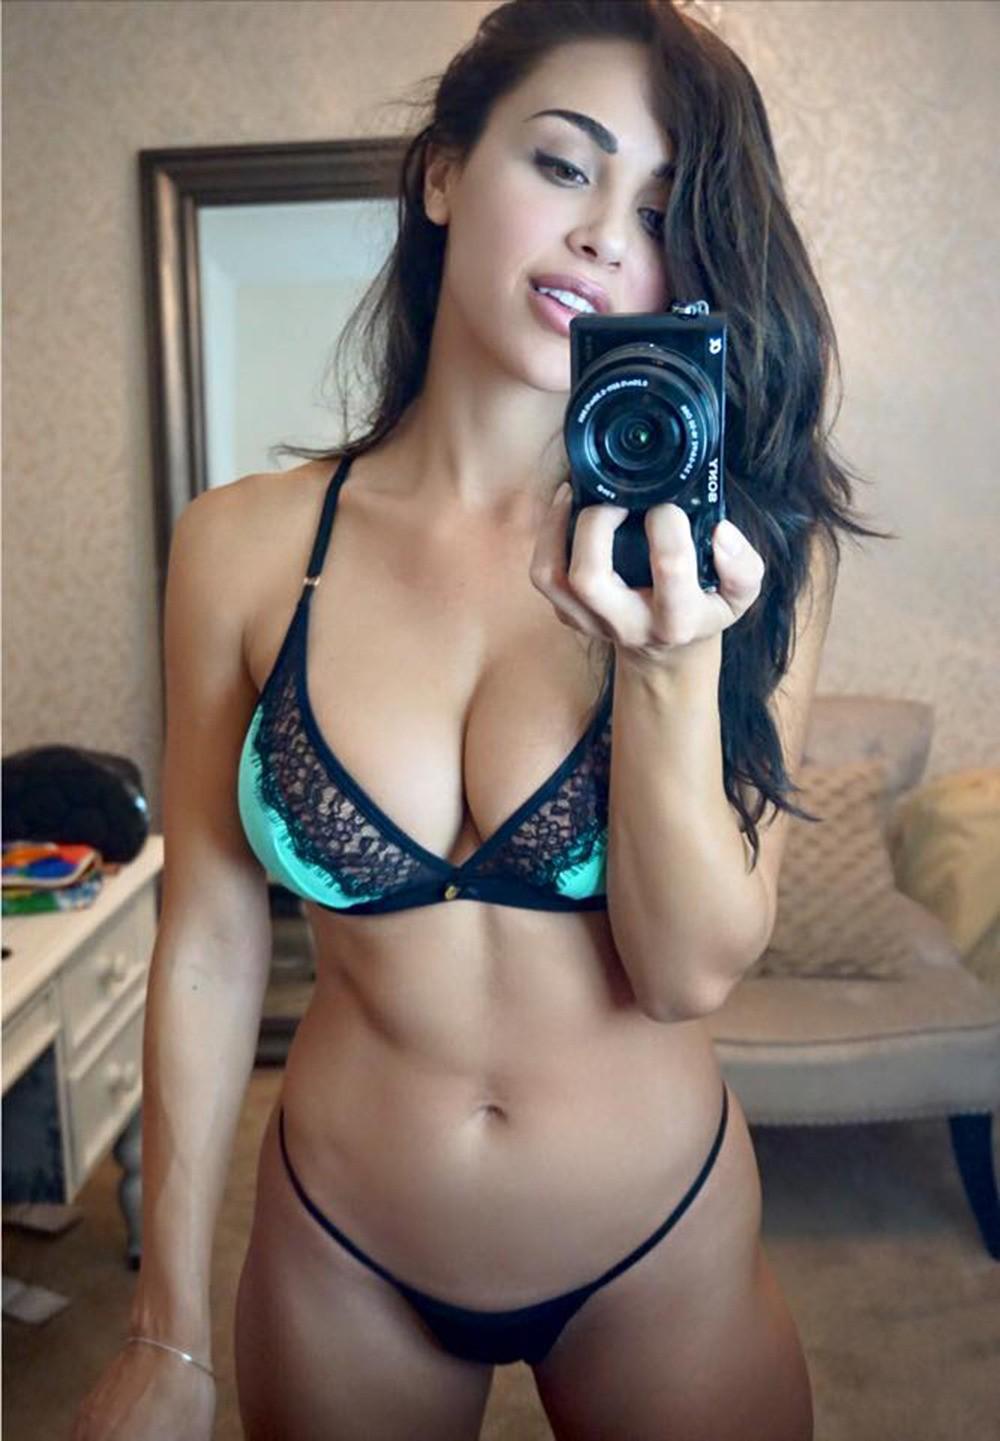 Красивые девушки любят делать селфи